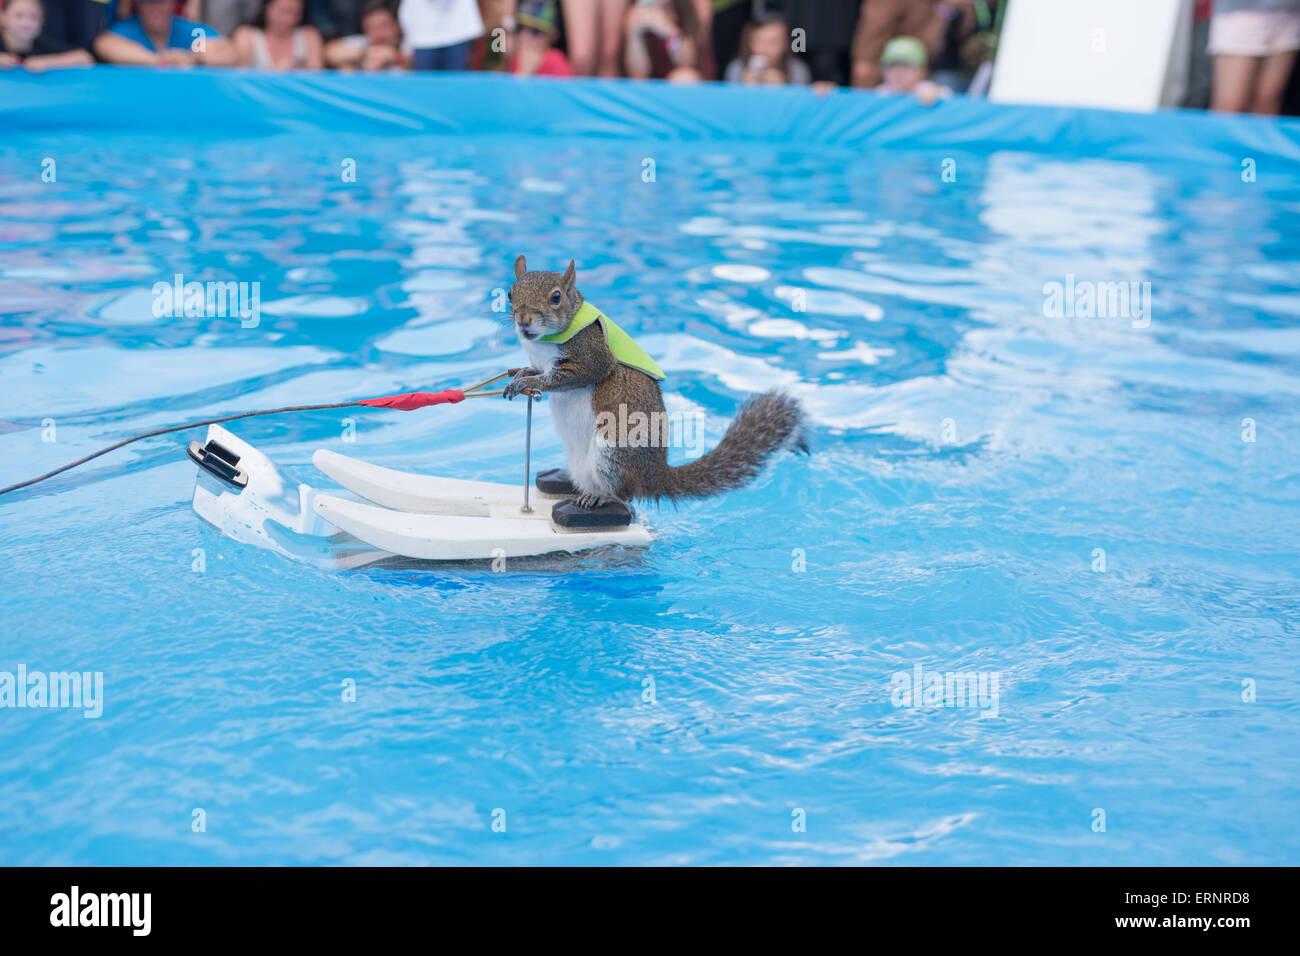 Austin, Texas, USA. 5. Juni 2015. TWIGGY das Wasserski-Eichhörnchen ...